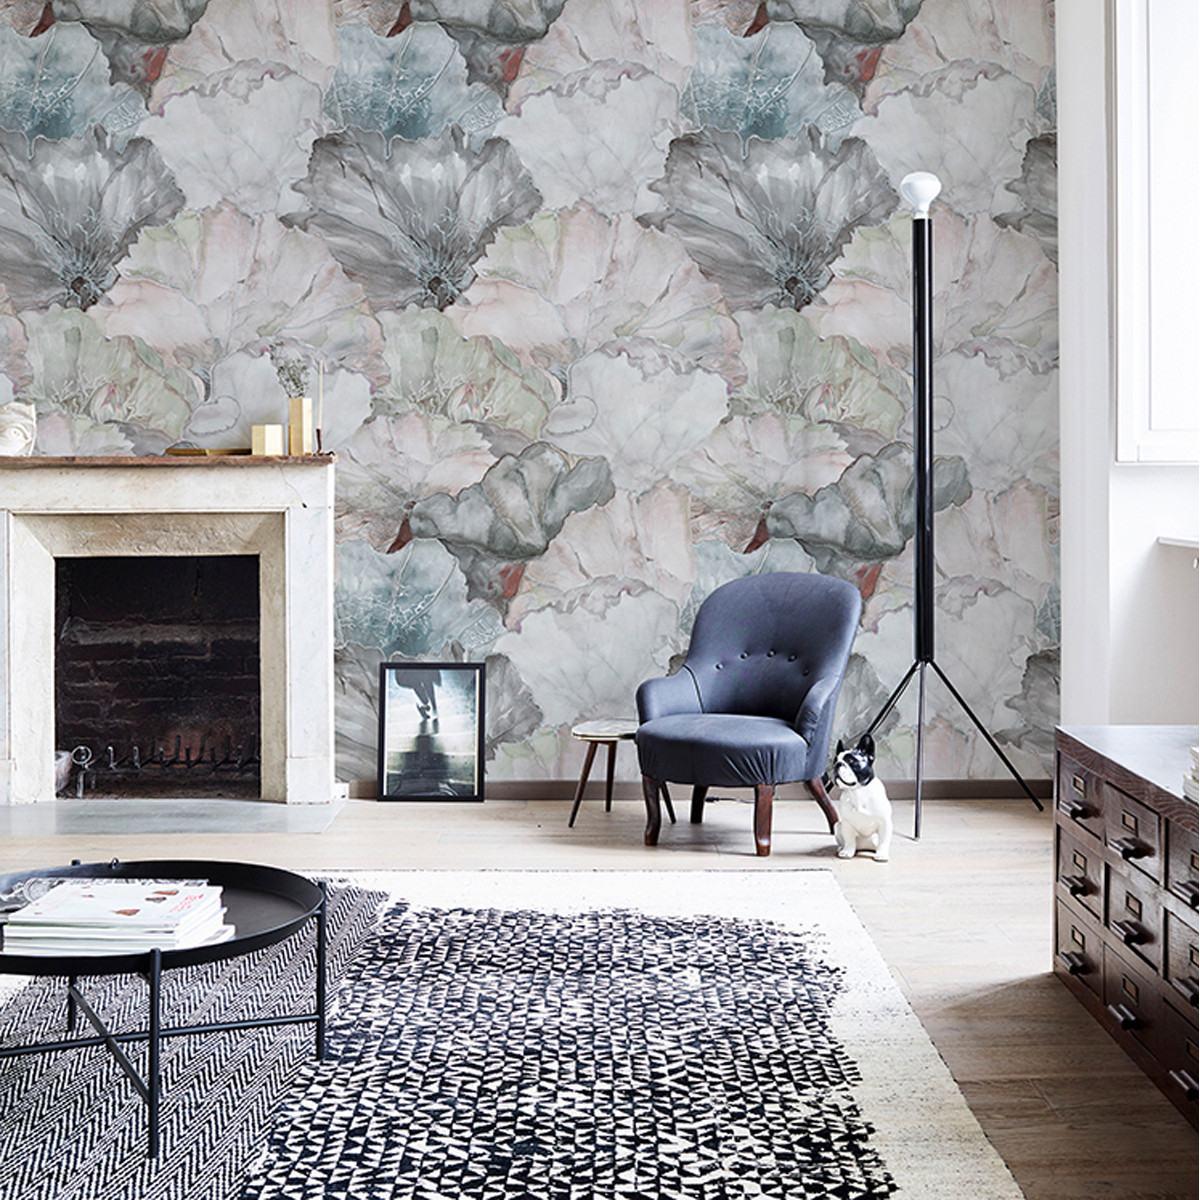 Wall and Deco Niveum TS Wallpaper